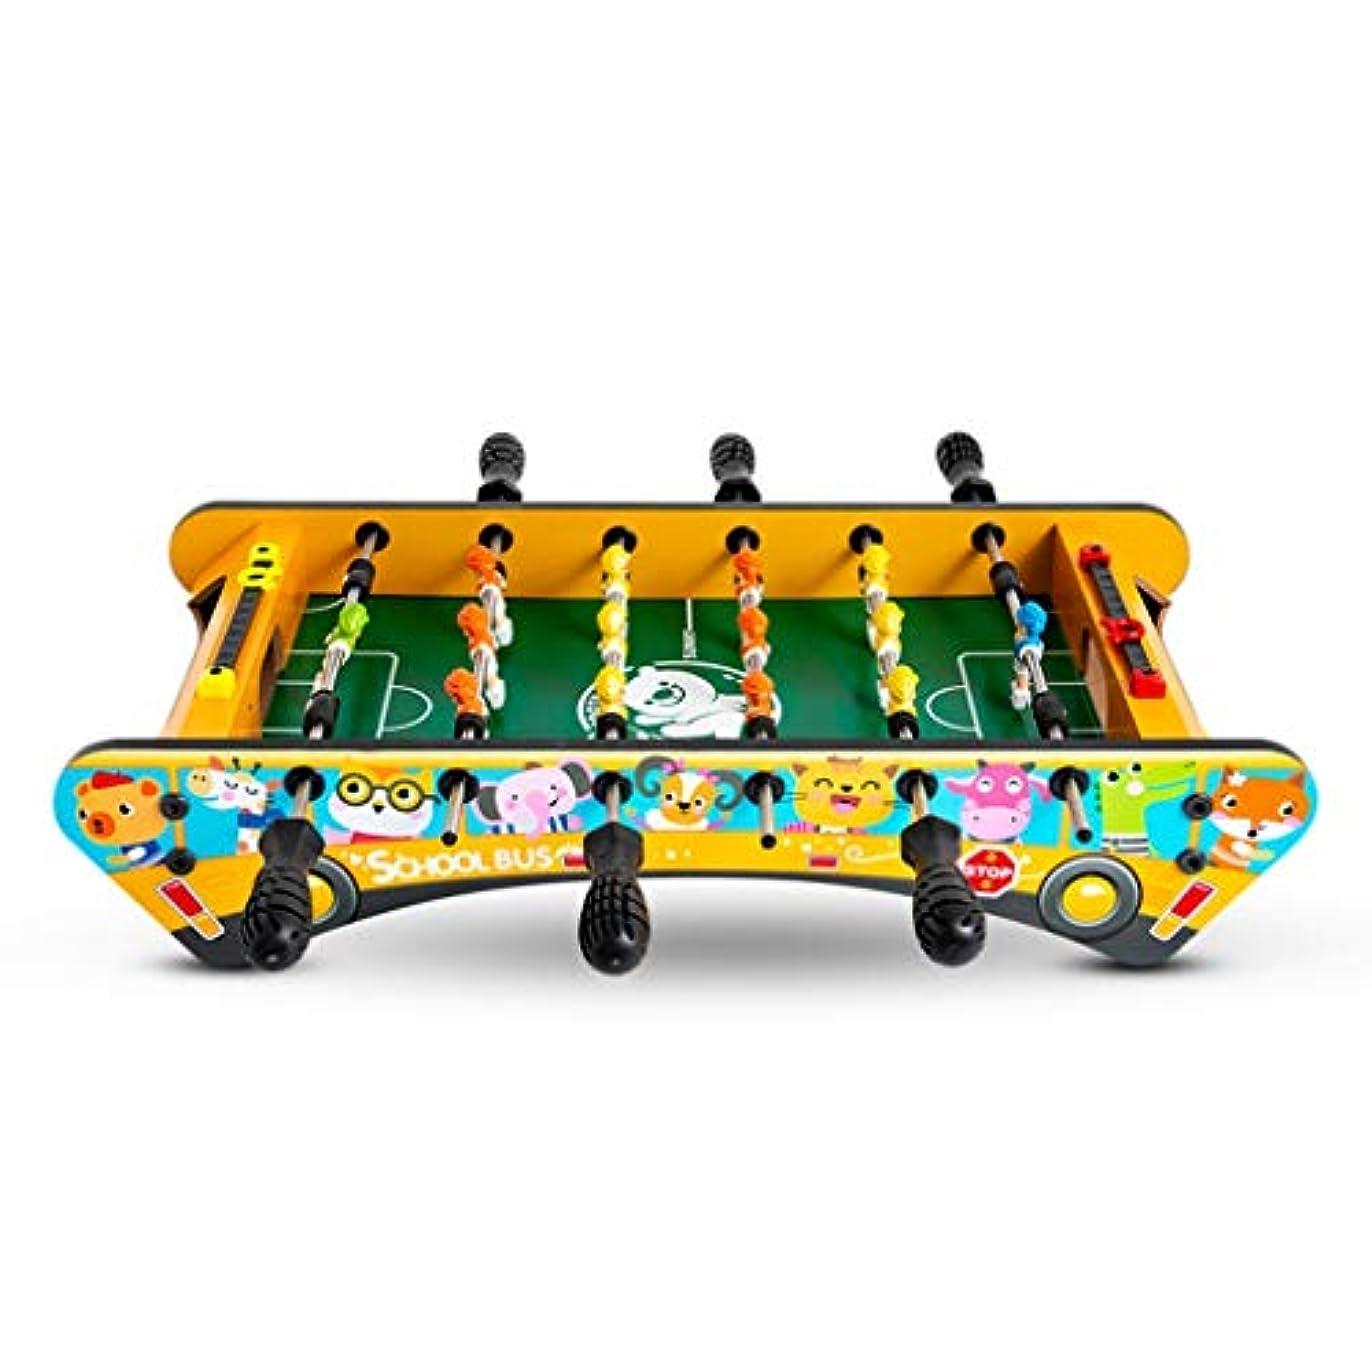 シーフード繁栄する退屈子供のテーブルサッカー子供のおもちゃ子供の教育玩具3-10歳の子供のおもちゃギフト6席テーブルサッカー機のギフト家族のゲーム機木材 (Color : YELLOW, Size : 49CM)